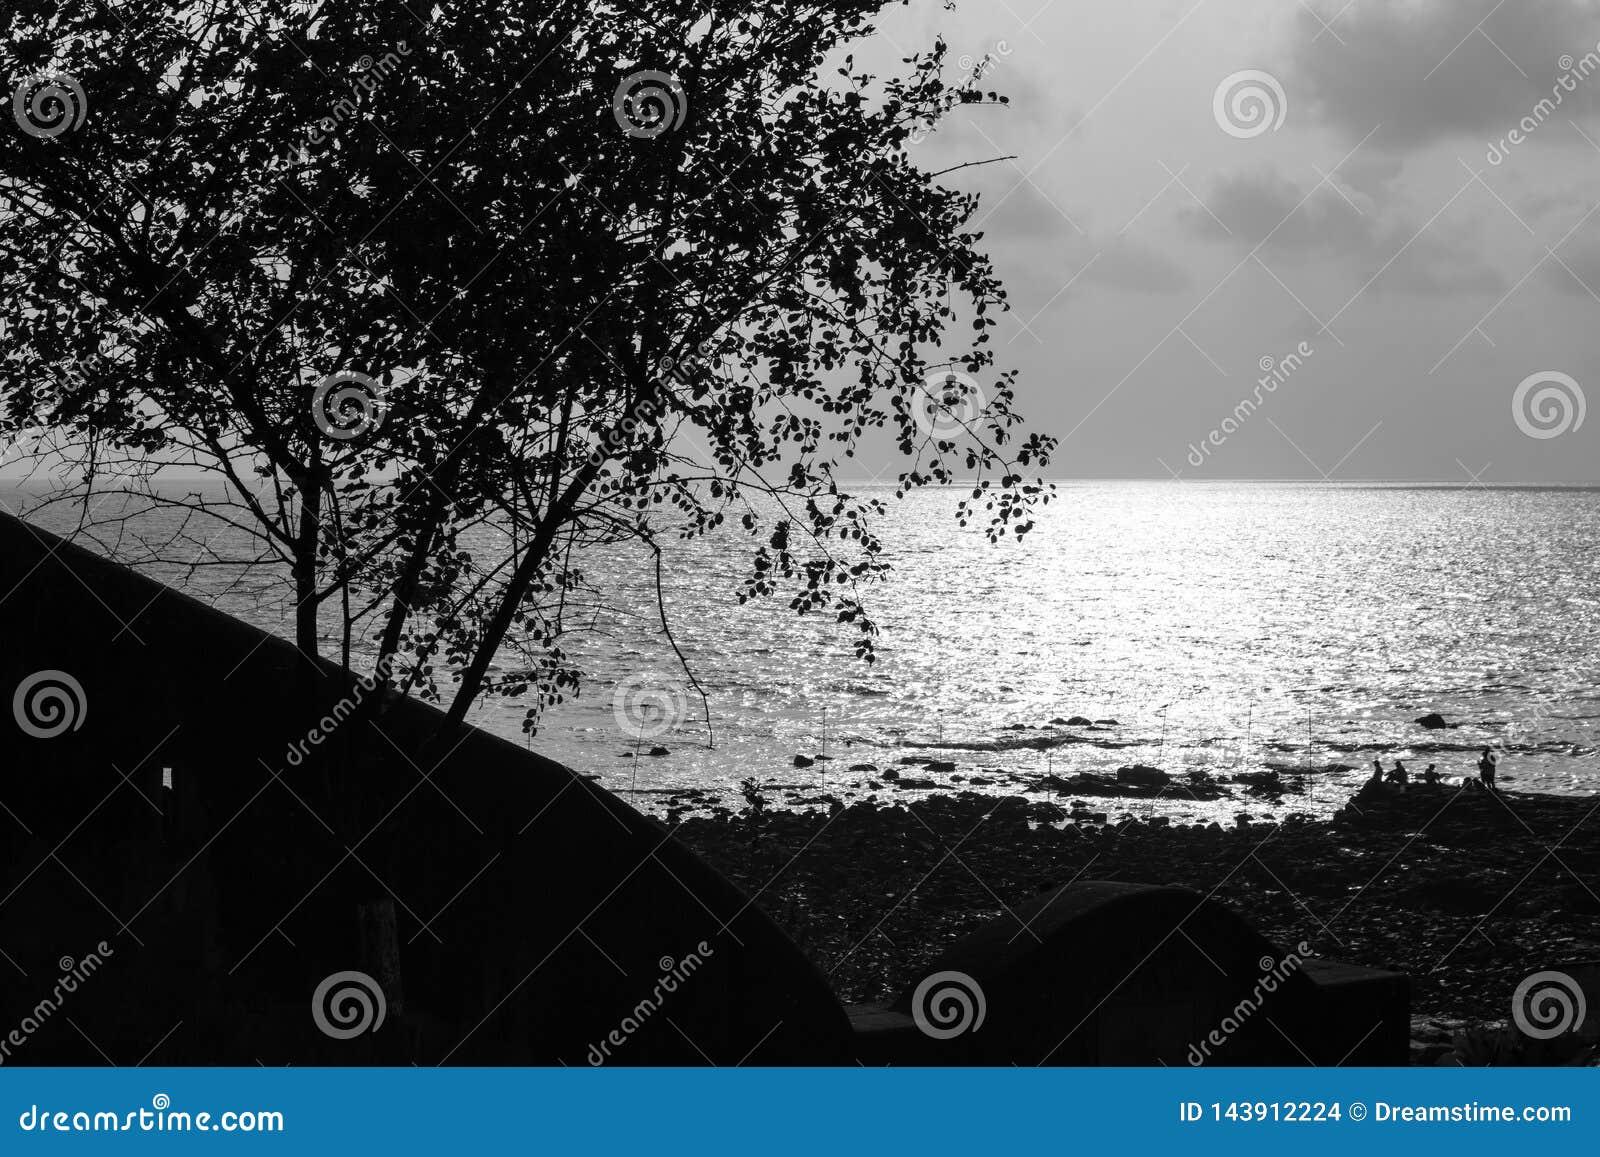 Μικρό δέντρο με τα αγκάθια εκτός από μια παραλία